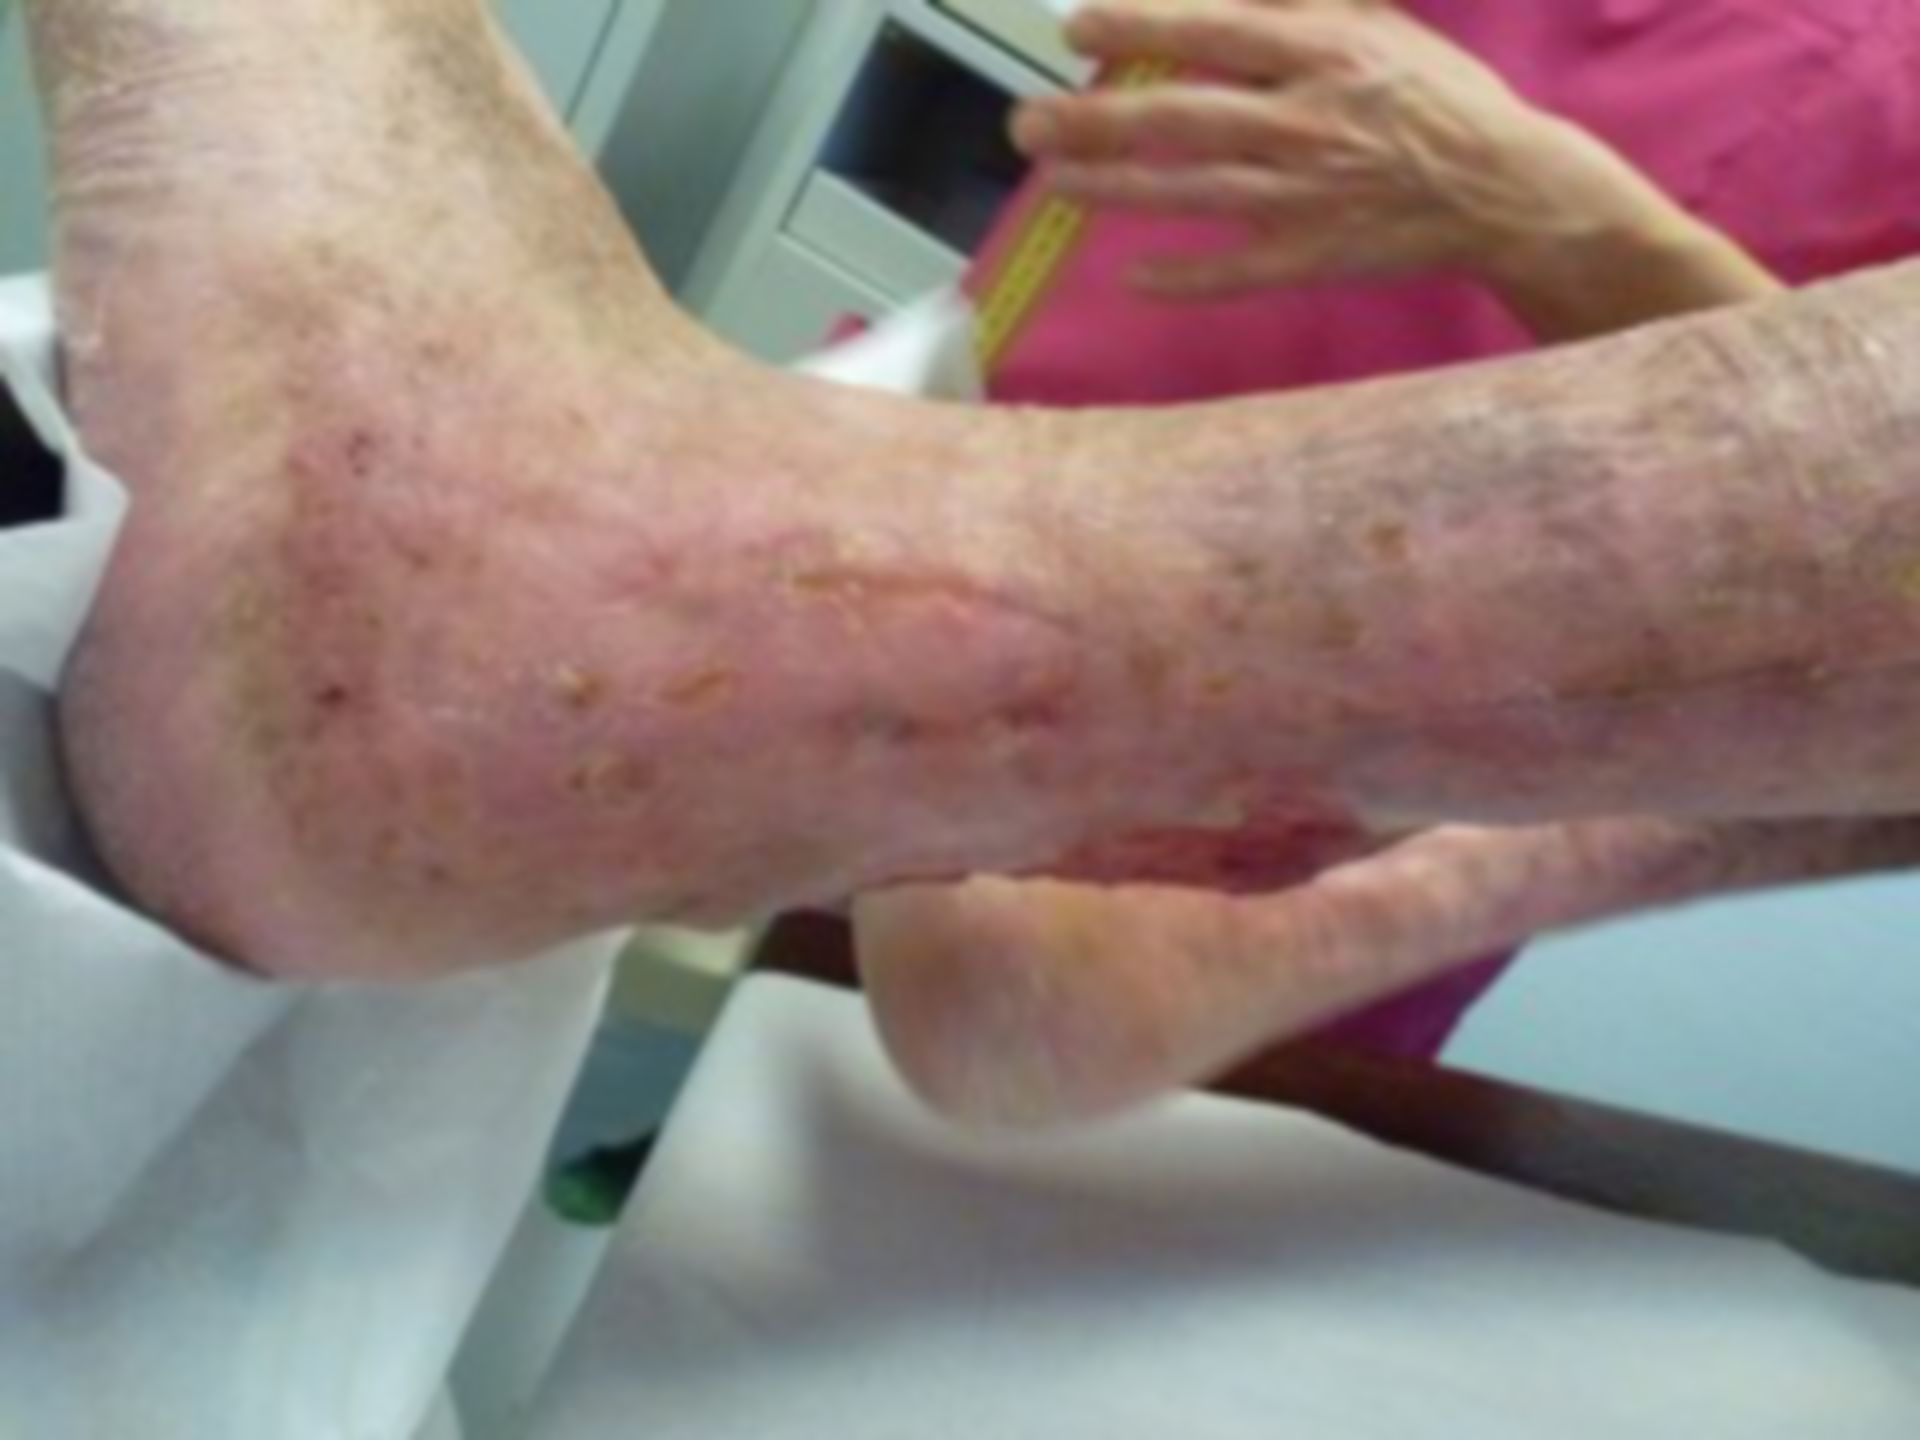 Úlcera de la pierna - abierta por 40 años (24)